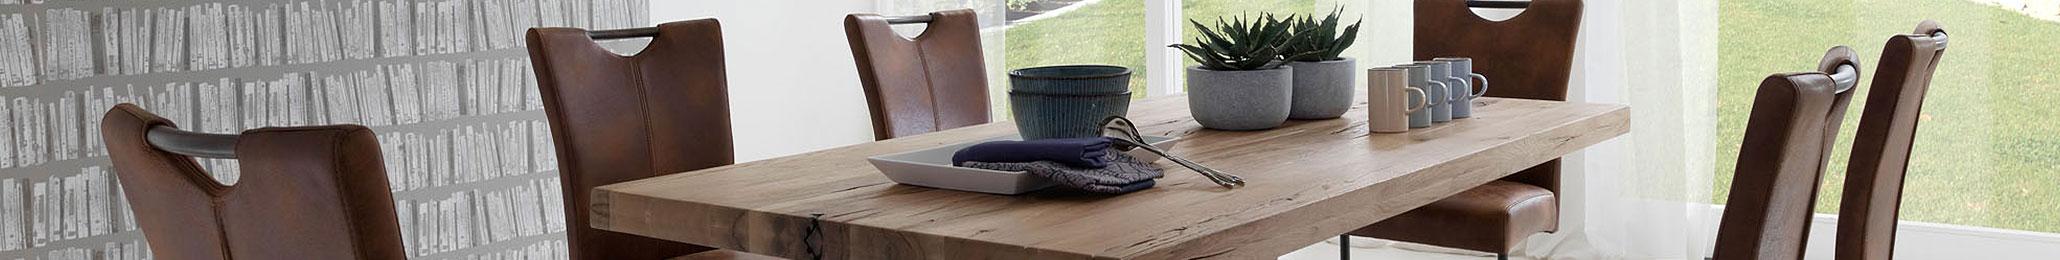 Tisch und Stühle - Speisezimmer - Echtholz